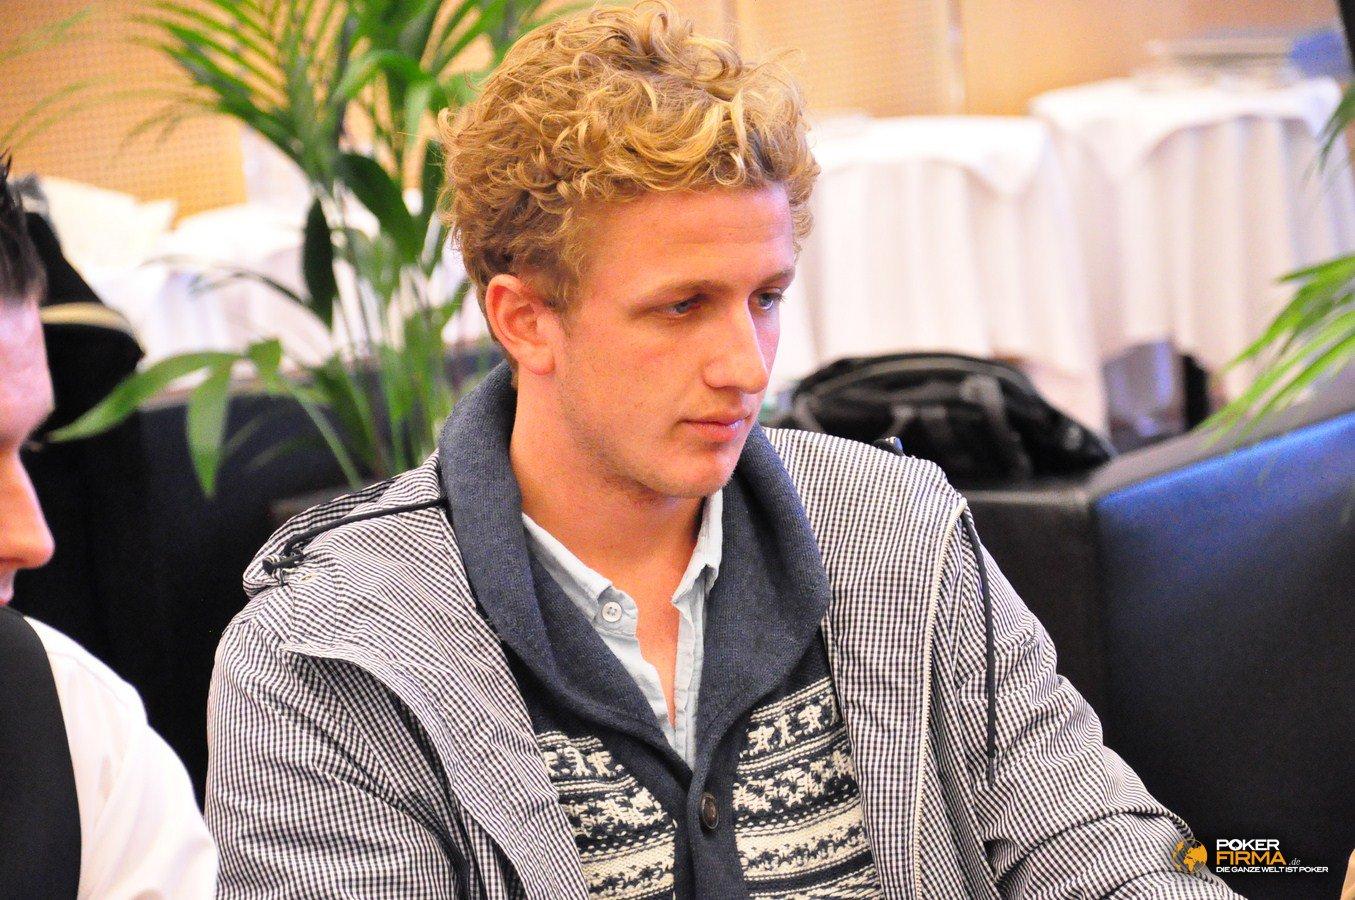 CAPT-Velden-2012-Main-Event-163.JPG